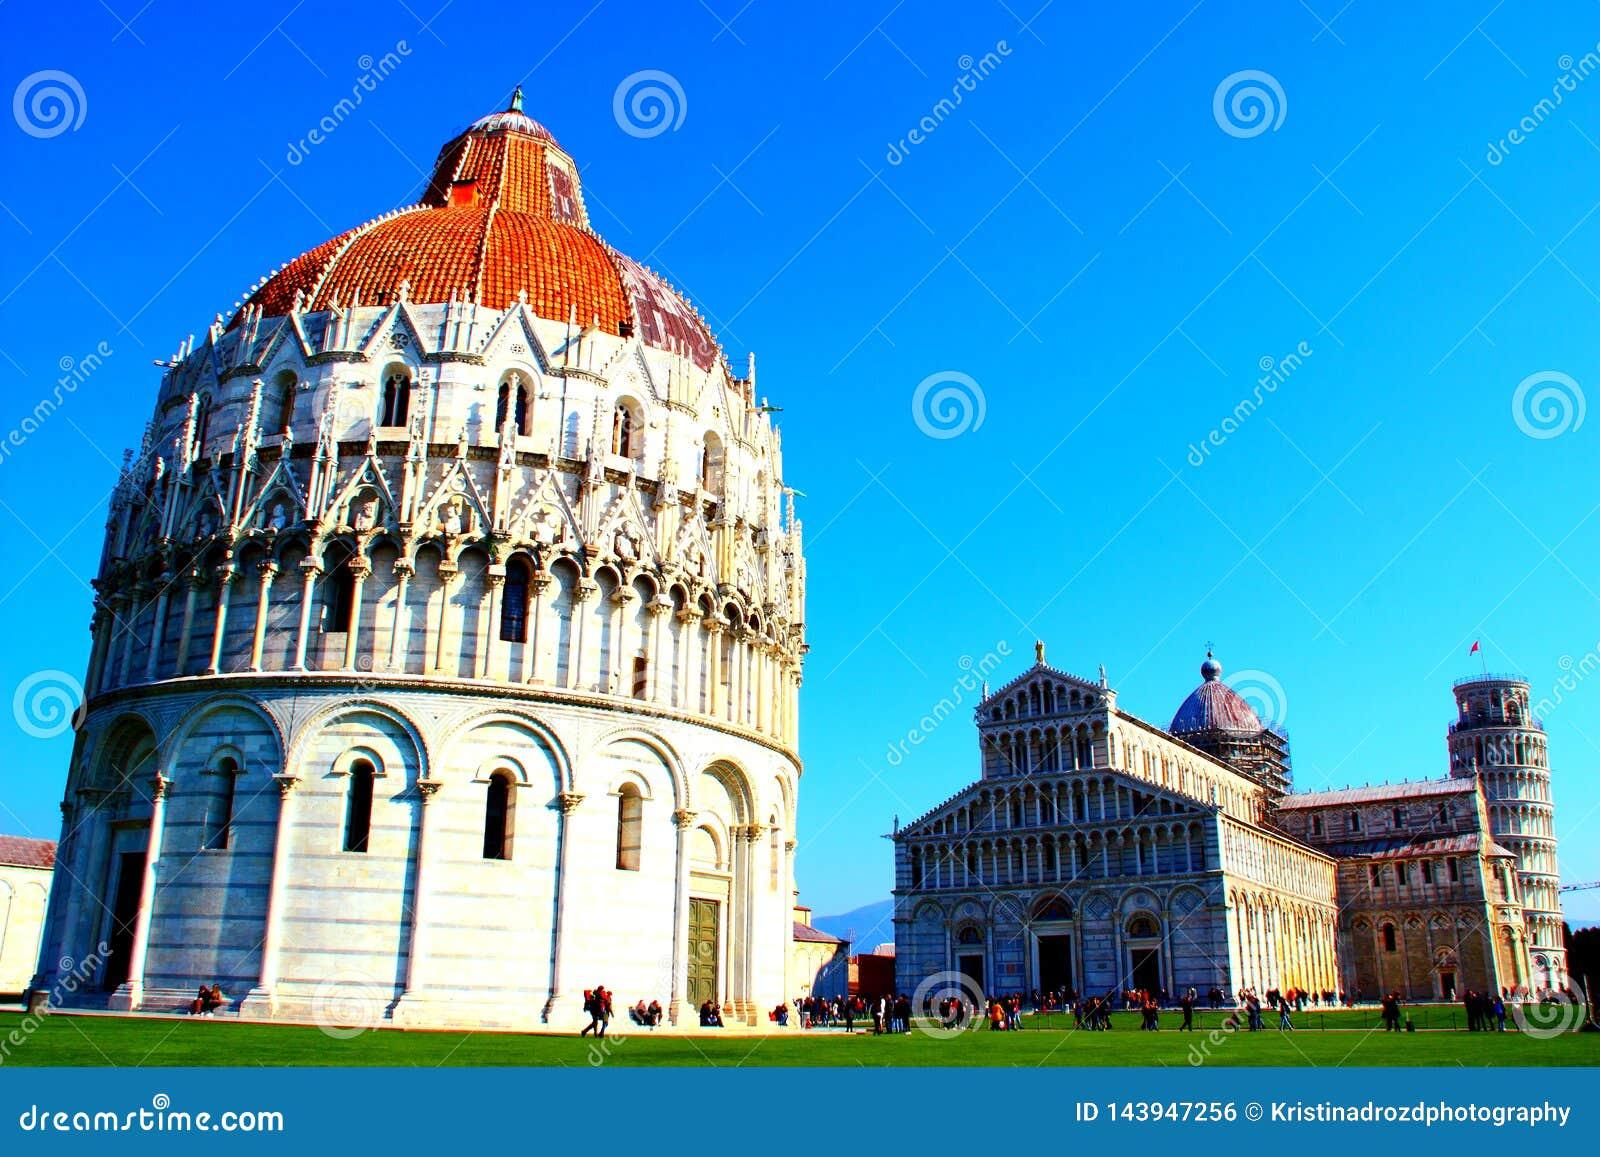 PISA, ITALIEN - CIRCA IM FEBRUAR 2018: Der Baptistery, Pisa-Kathedrale und der lehnende Turm am Quadrat von Wundern